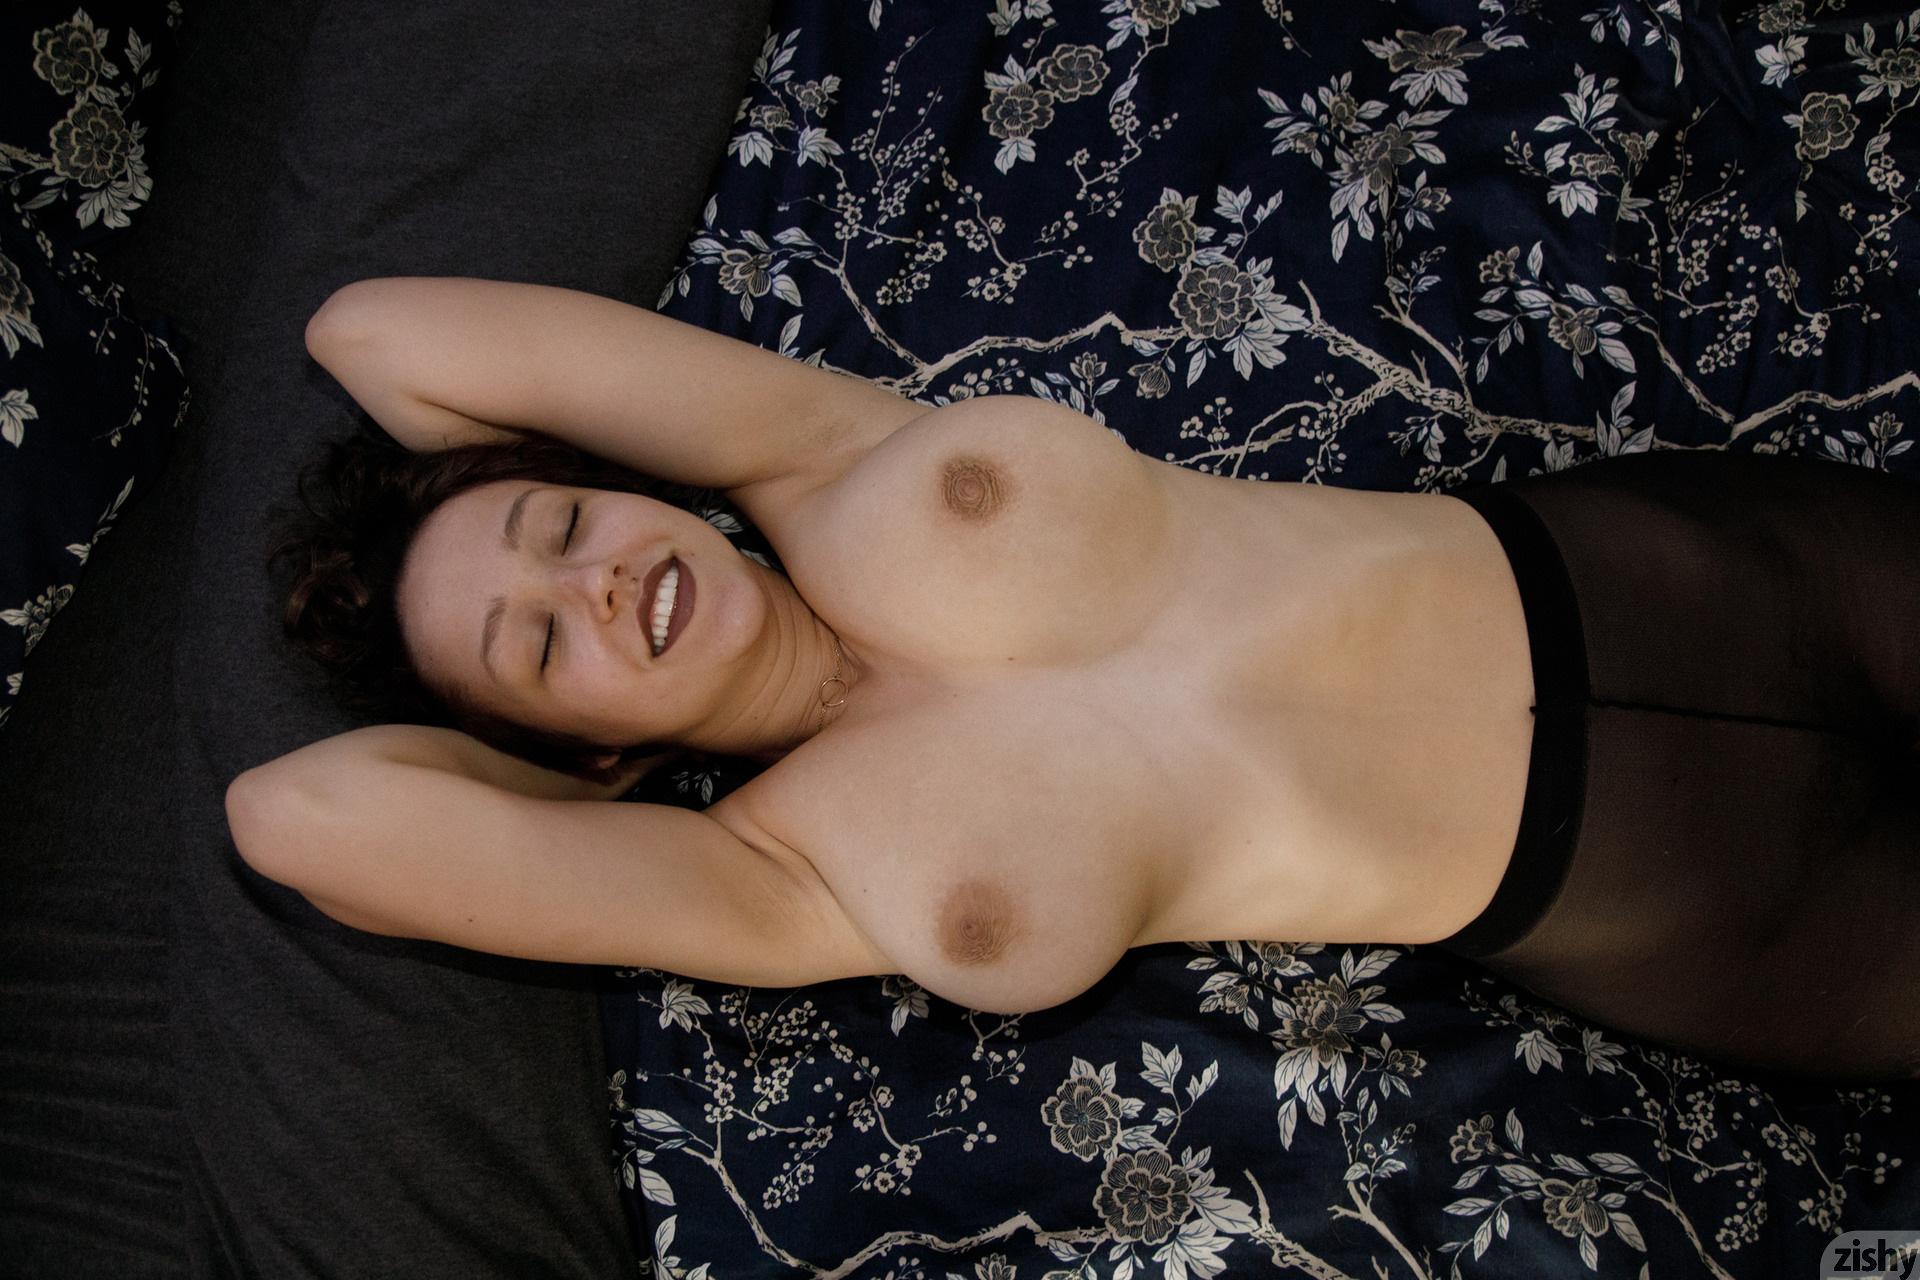 Sabrina Nichole Wigging Out Zishy (35)